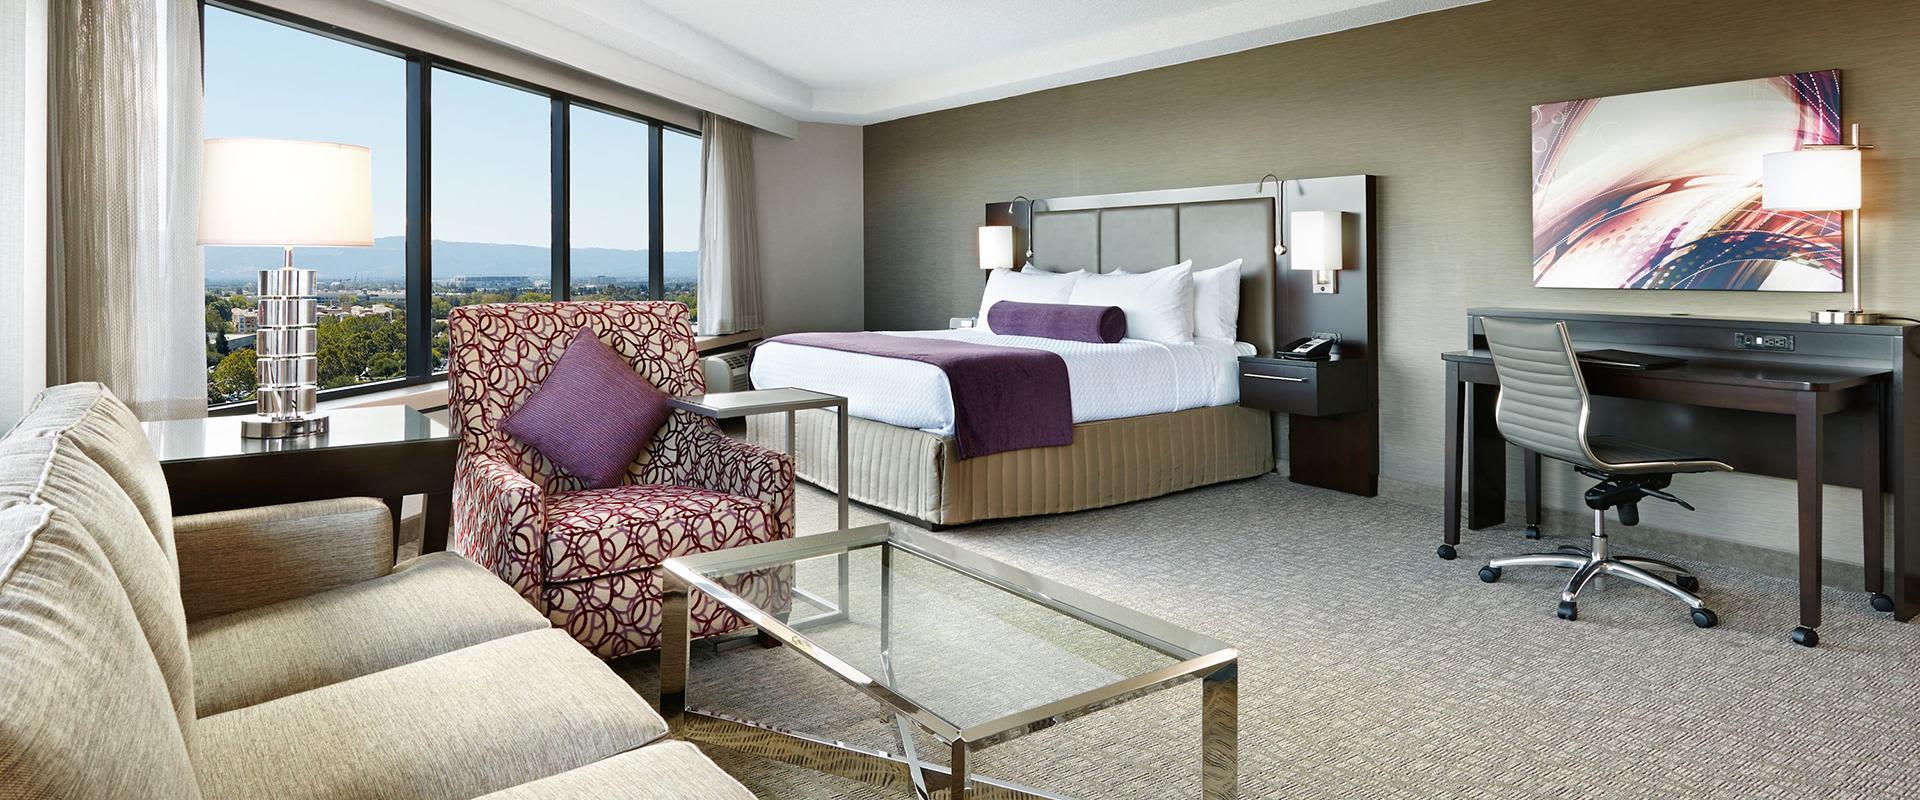 San Jose Hotel Suite Seating Area